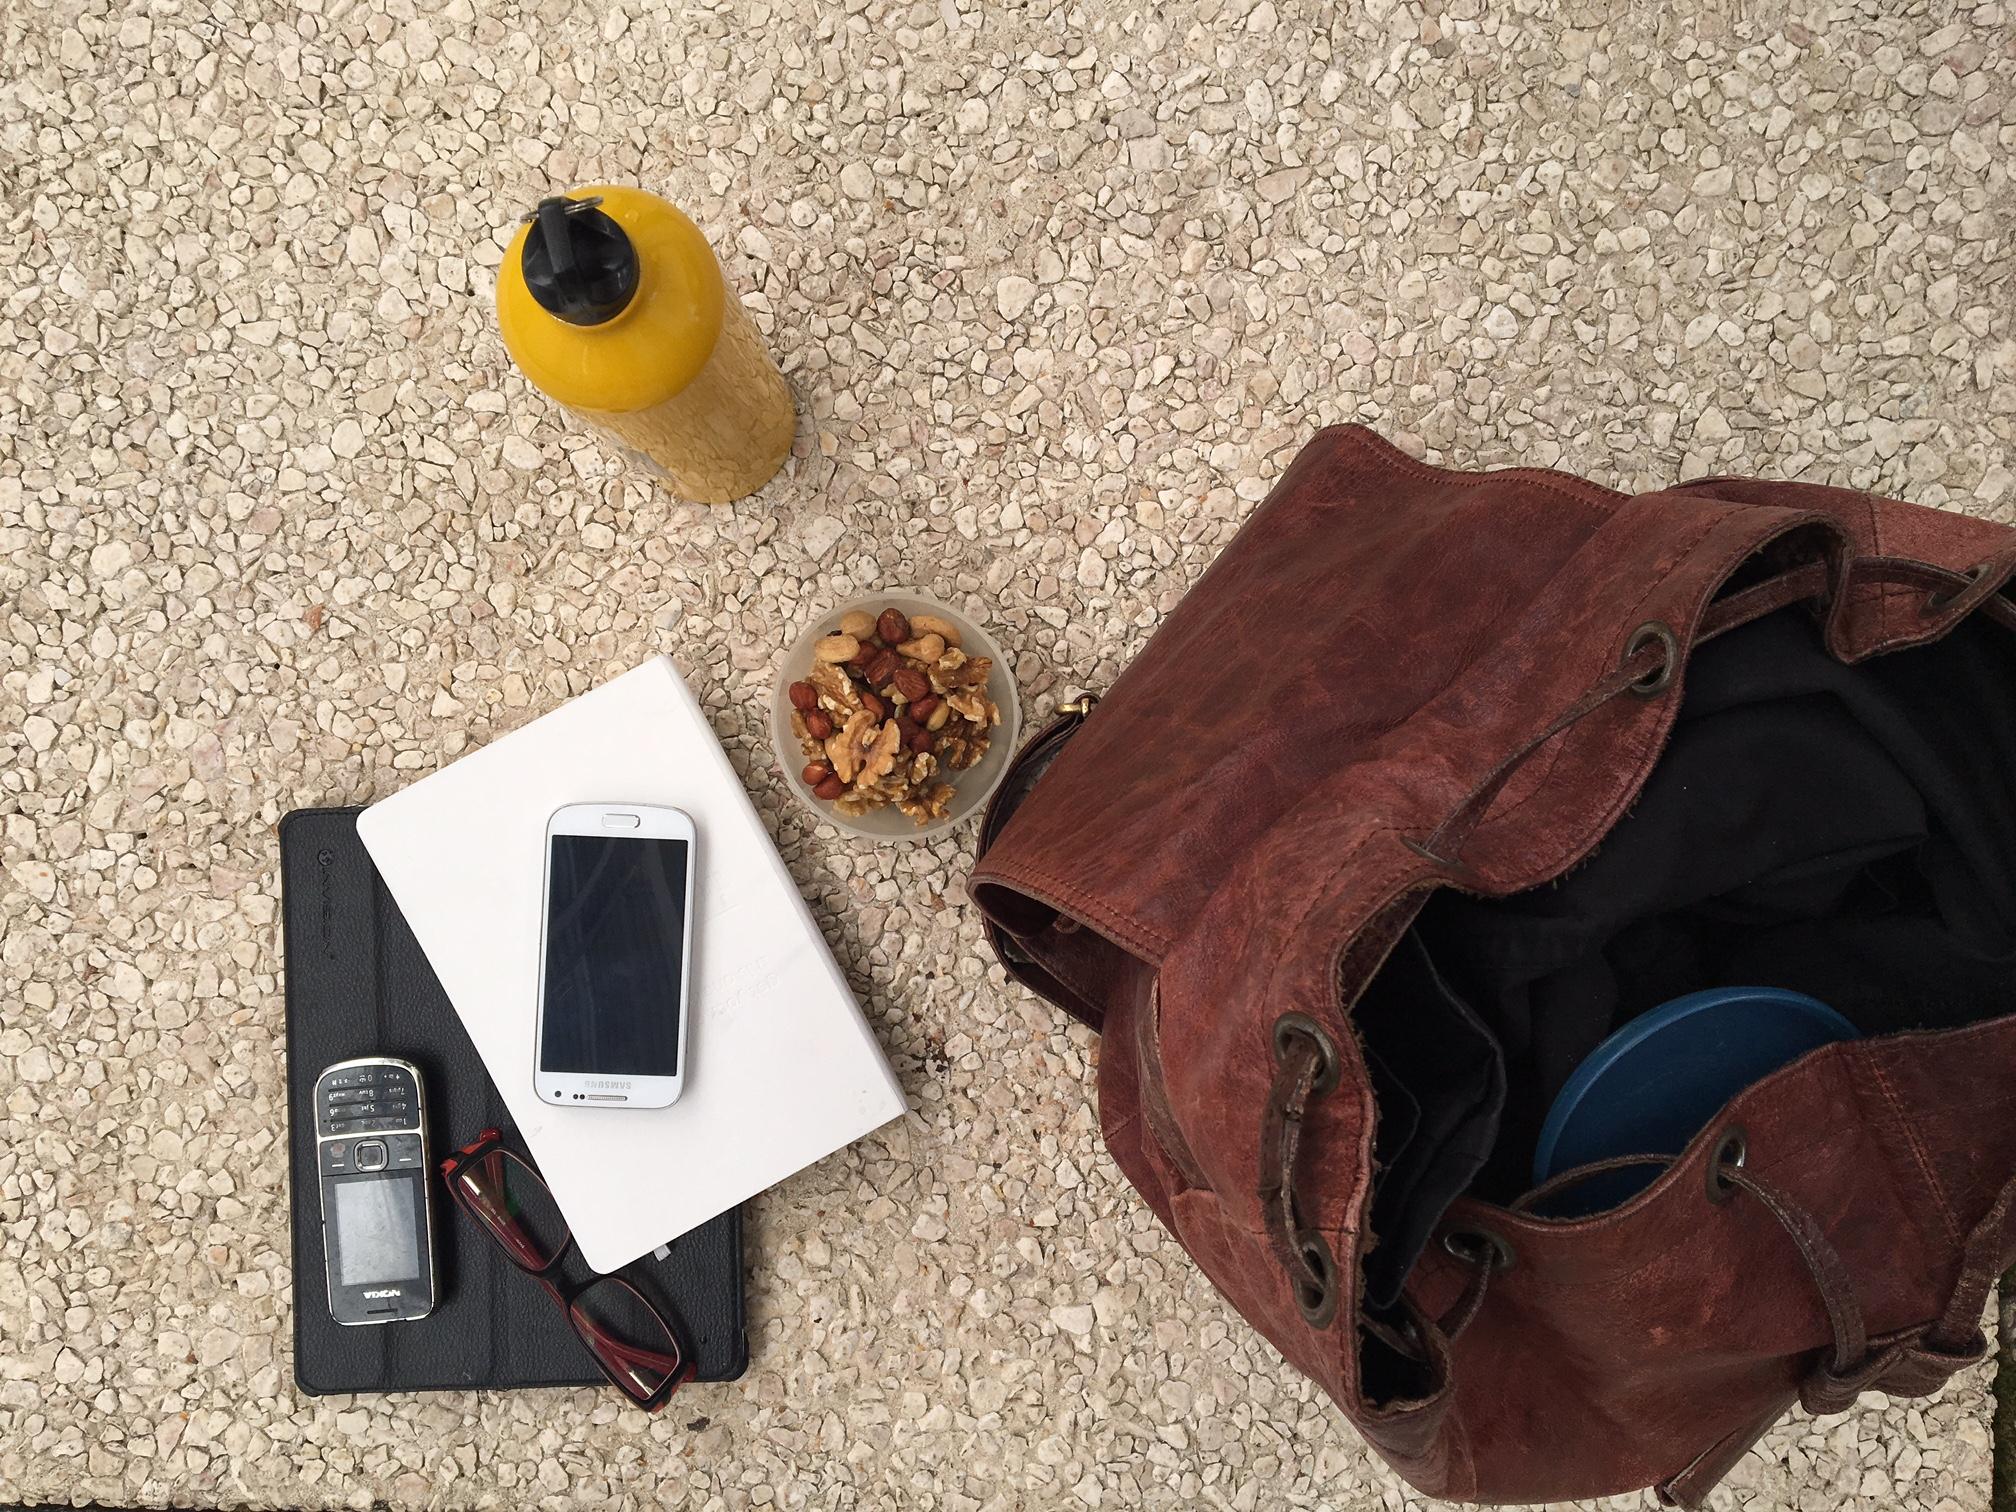 """No kit de sobrevivência de Débora há lugar para um tablet, uma garrafa de água e uma caixa com frutos secos, para ir """"picando"""" durante o dia. Os dois telemóveis - incluindo um antigo Nokia - asseguram as comunicações em português e em alemão."""